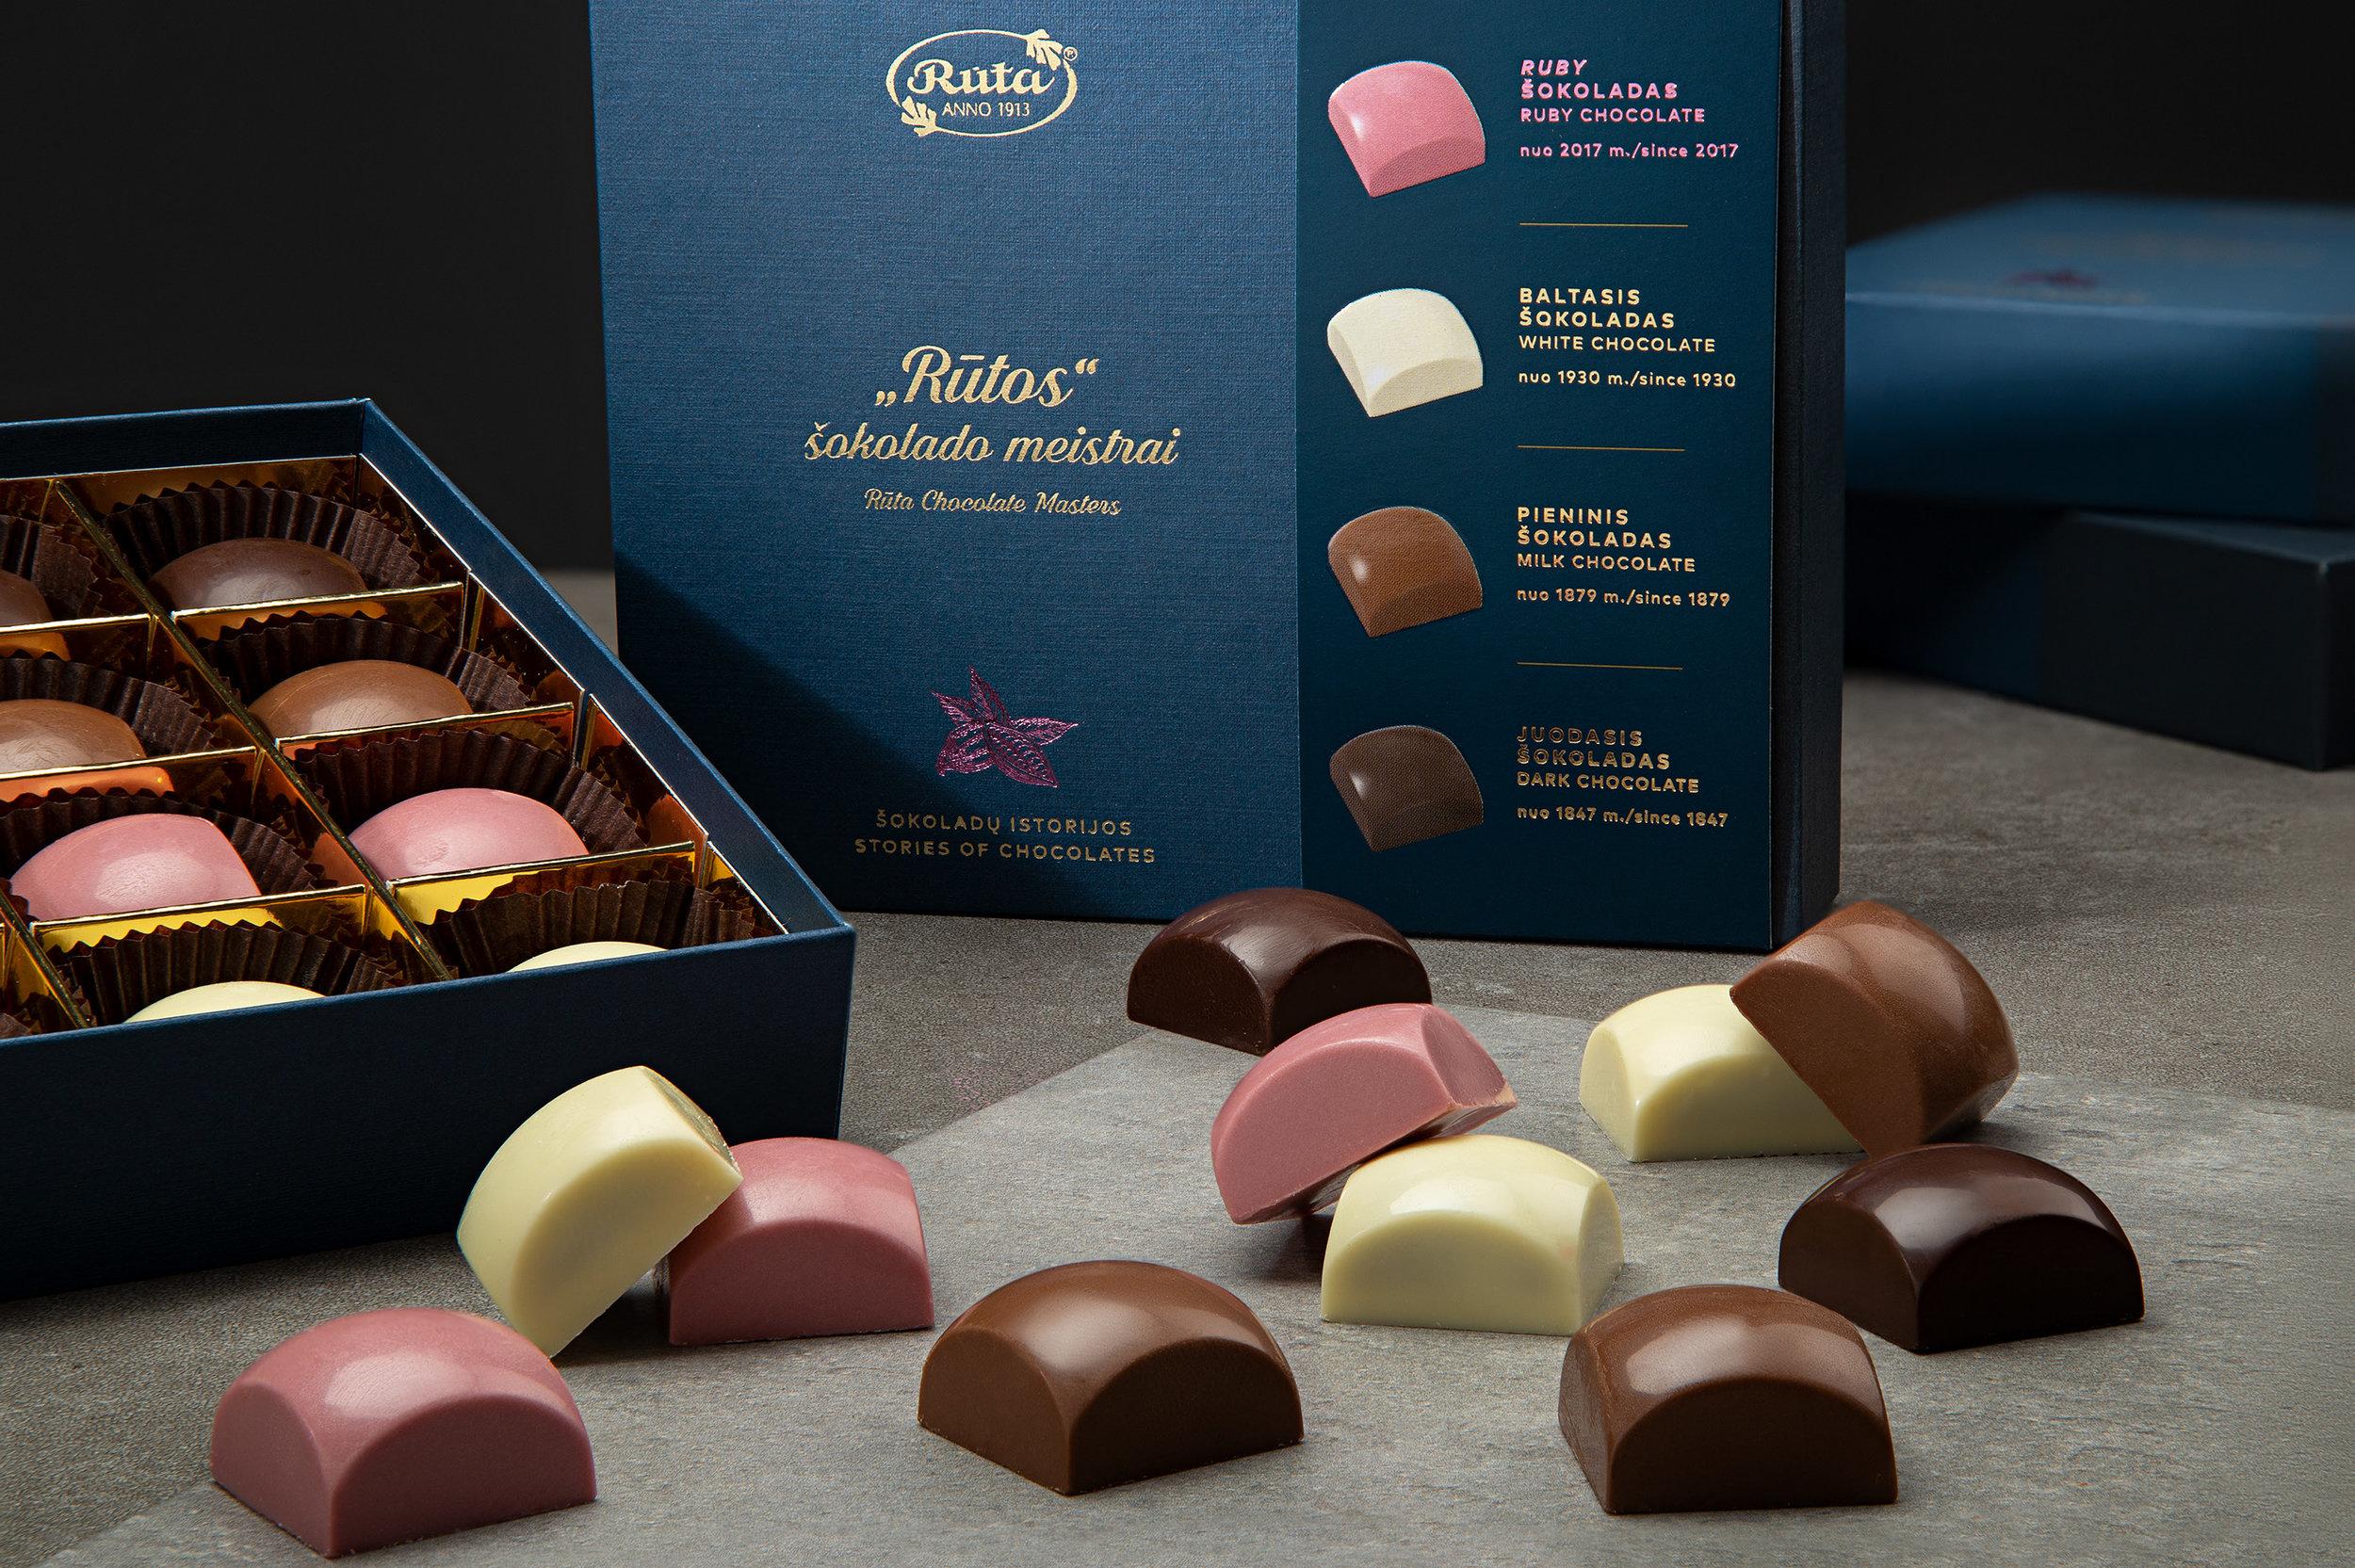 Gediminas Medziausis - Ruta. 4 Stories of Chocolates 1.jpg